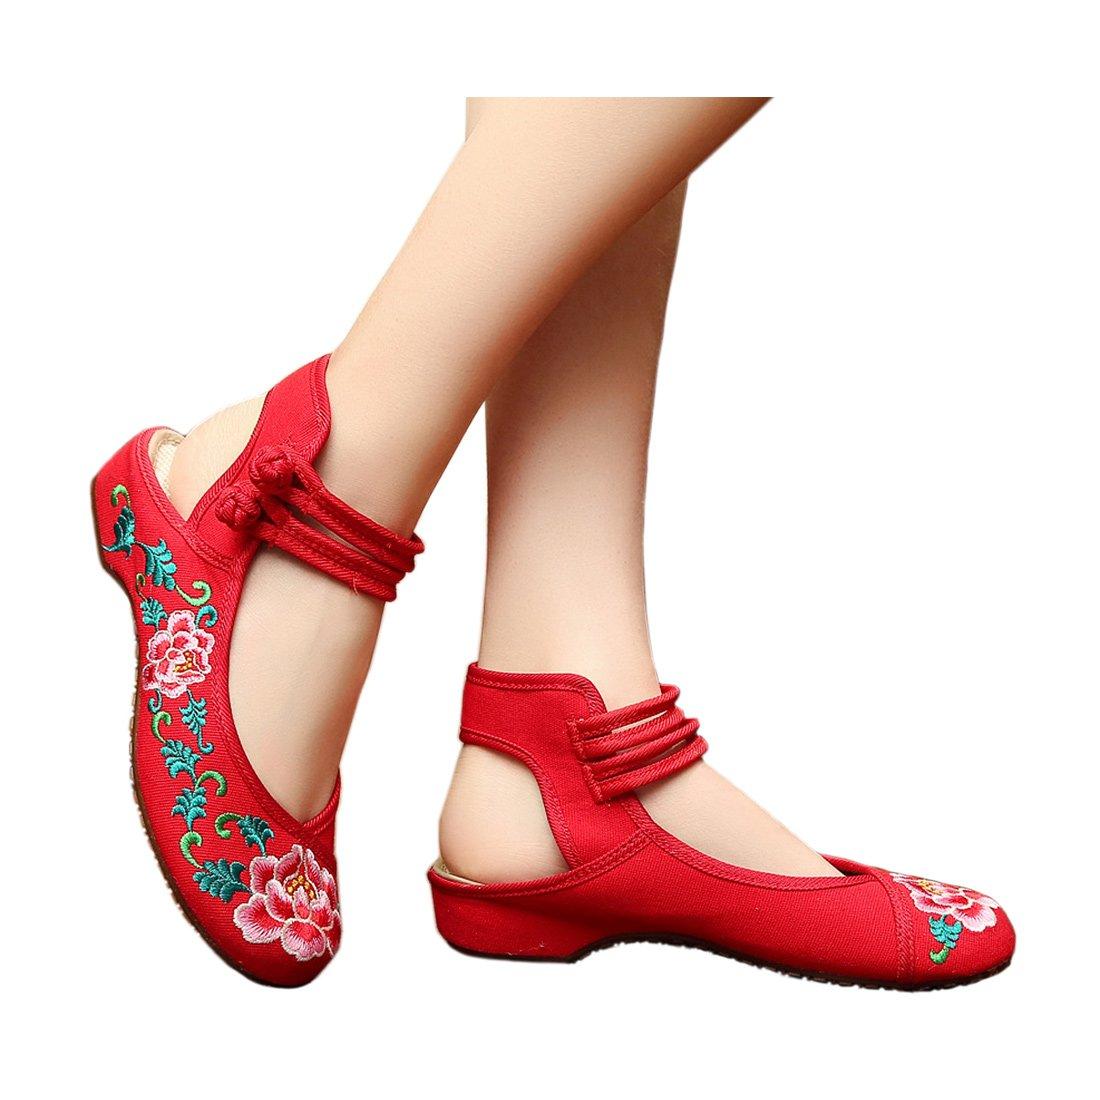 Femmes Broderie Round Toe Round Slingback Occasionnels Toile Fleur Sandales Femmes Légères Occasionnels Chaussures en Tissu Rouge 43cea04 - boatplans.space